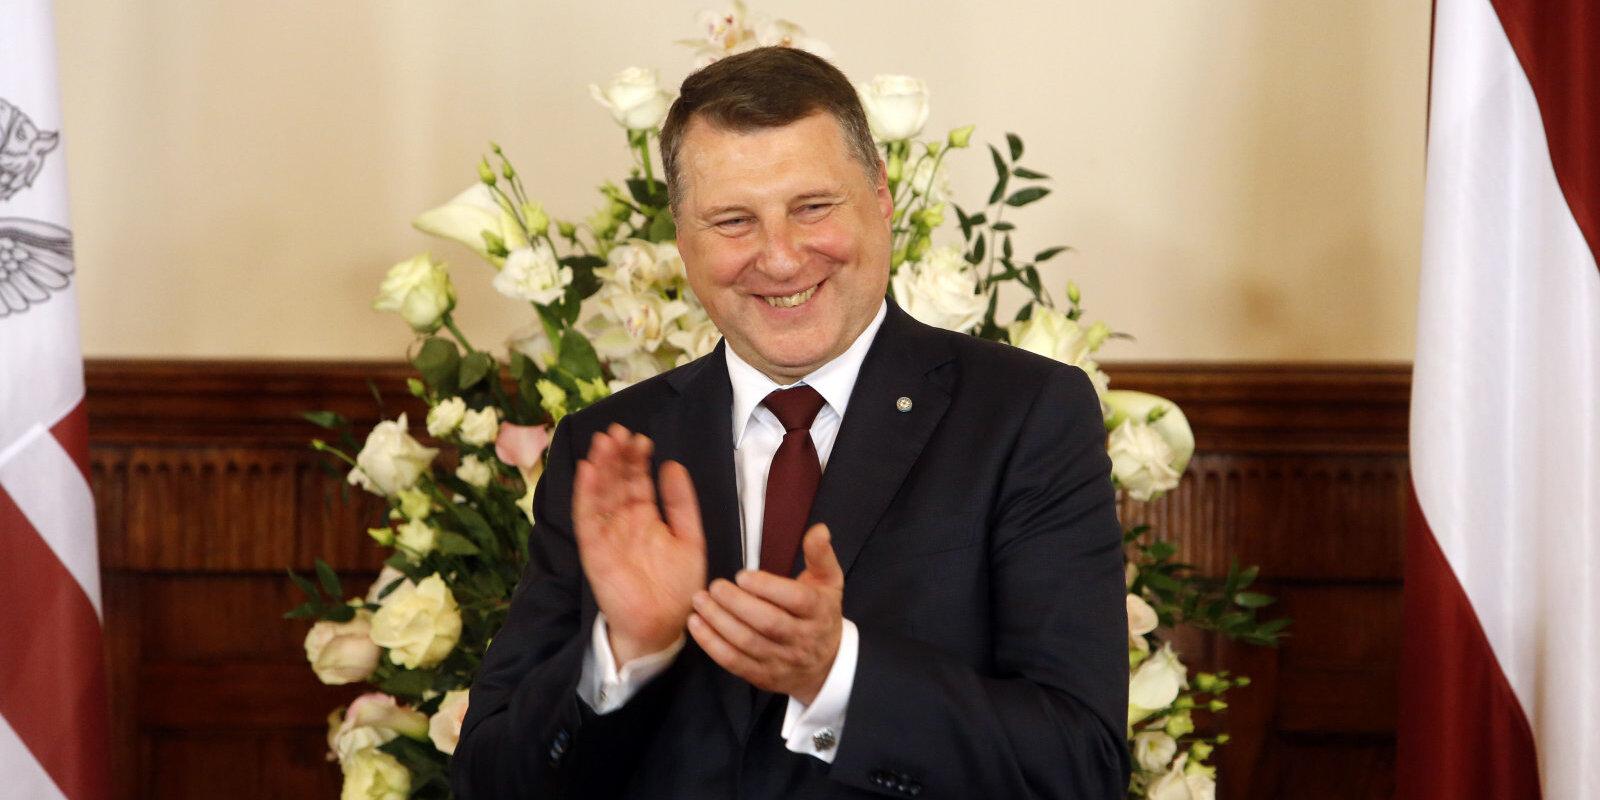 Любитель растений. Чем запомнится президент Латвии Раймонд Вейонис